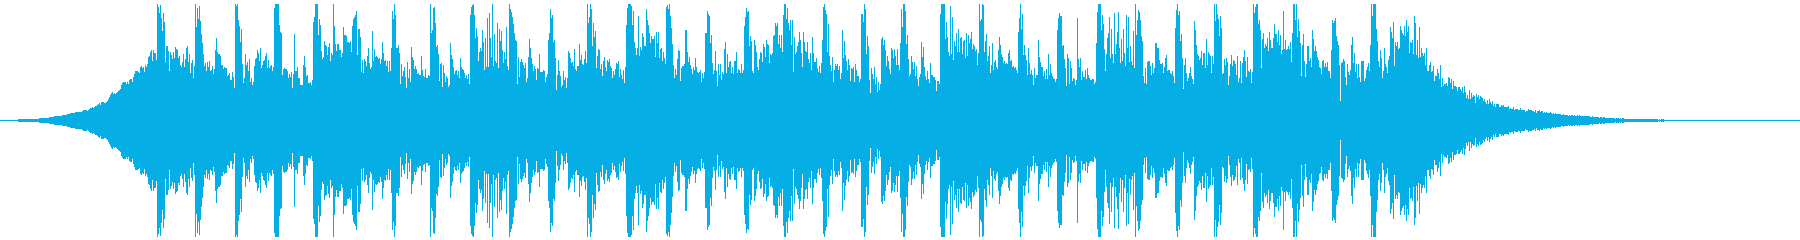 アーキテクチャ(23秒)の再生済みの波形